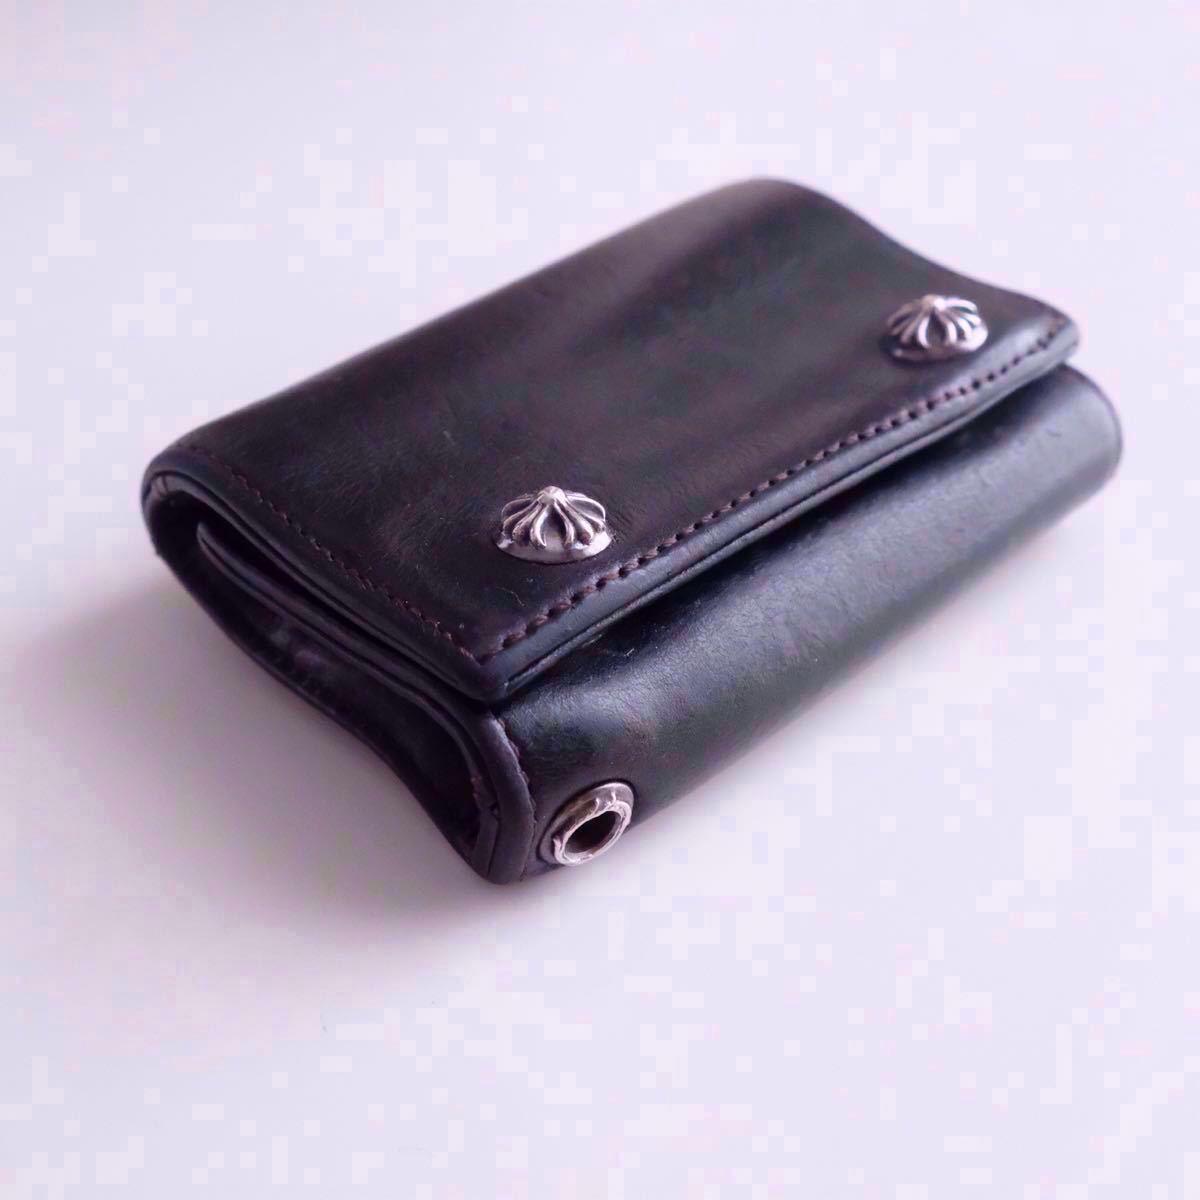 クロムハーツ 財布 三つ折り財布 本革 レザー 黒 クロス 3フォールドウォレット コンパクト